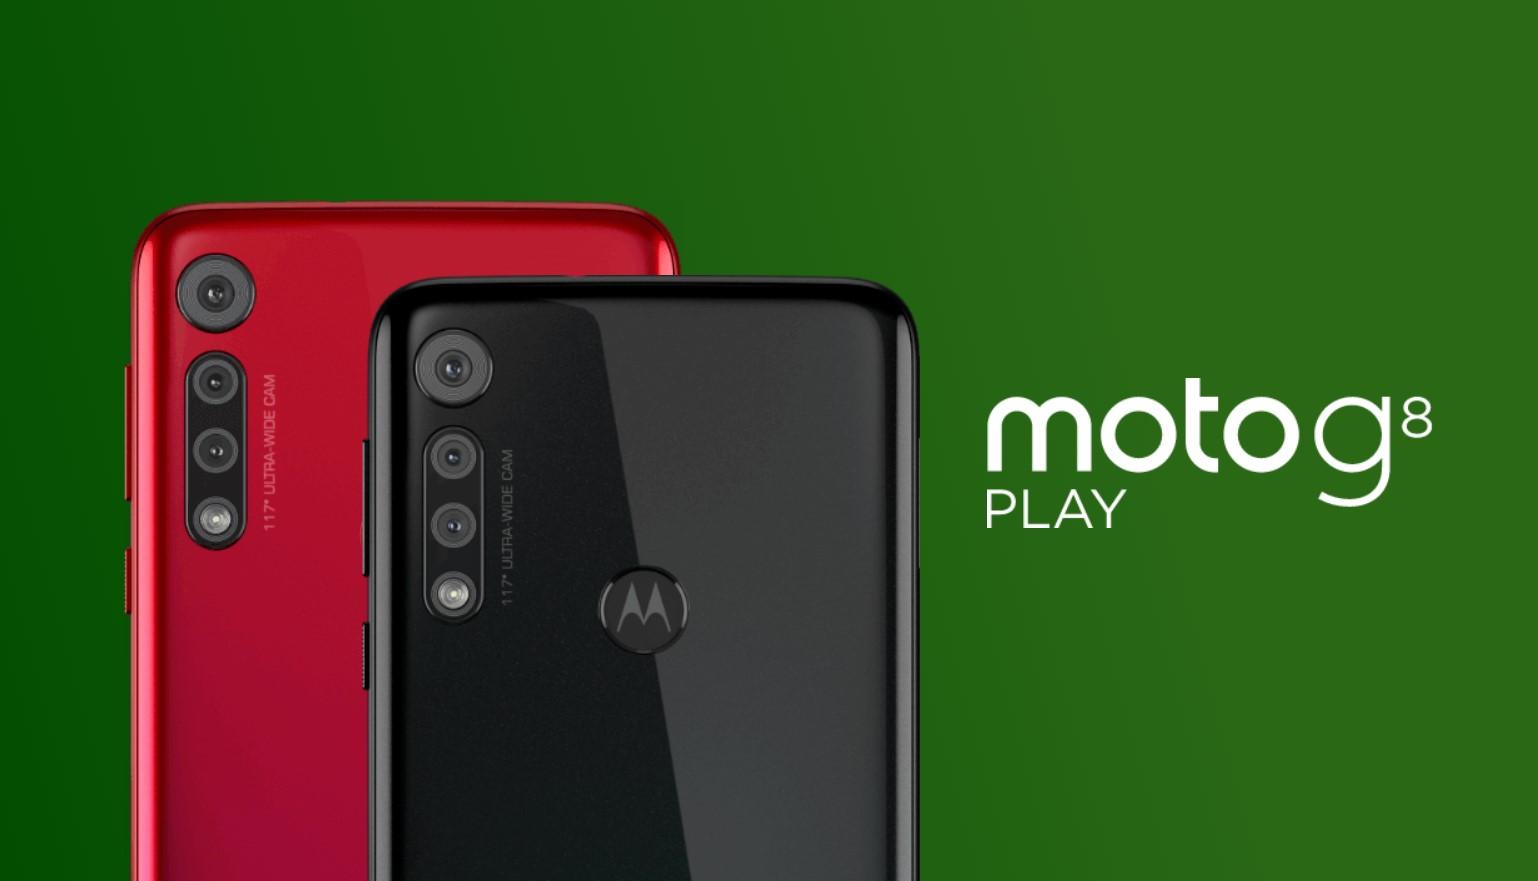 Moto G8 Play oficiálně, láká na baterii a akční kameru [aktualizováno]